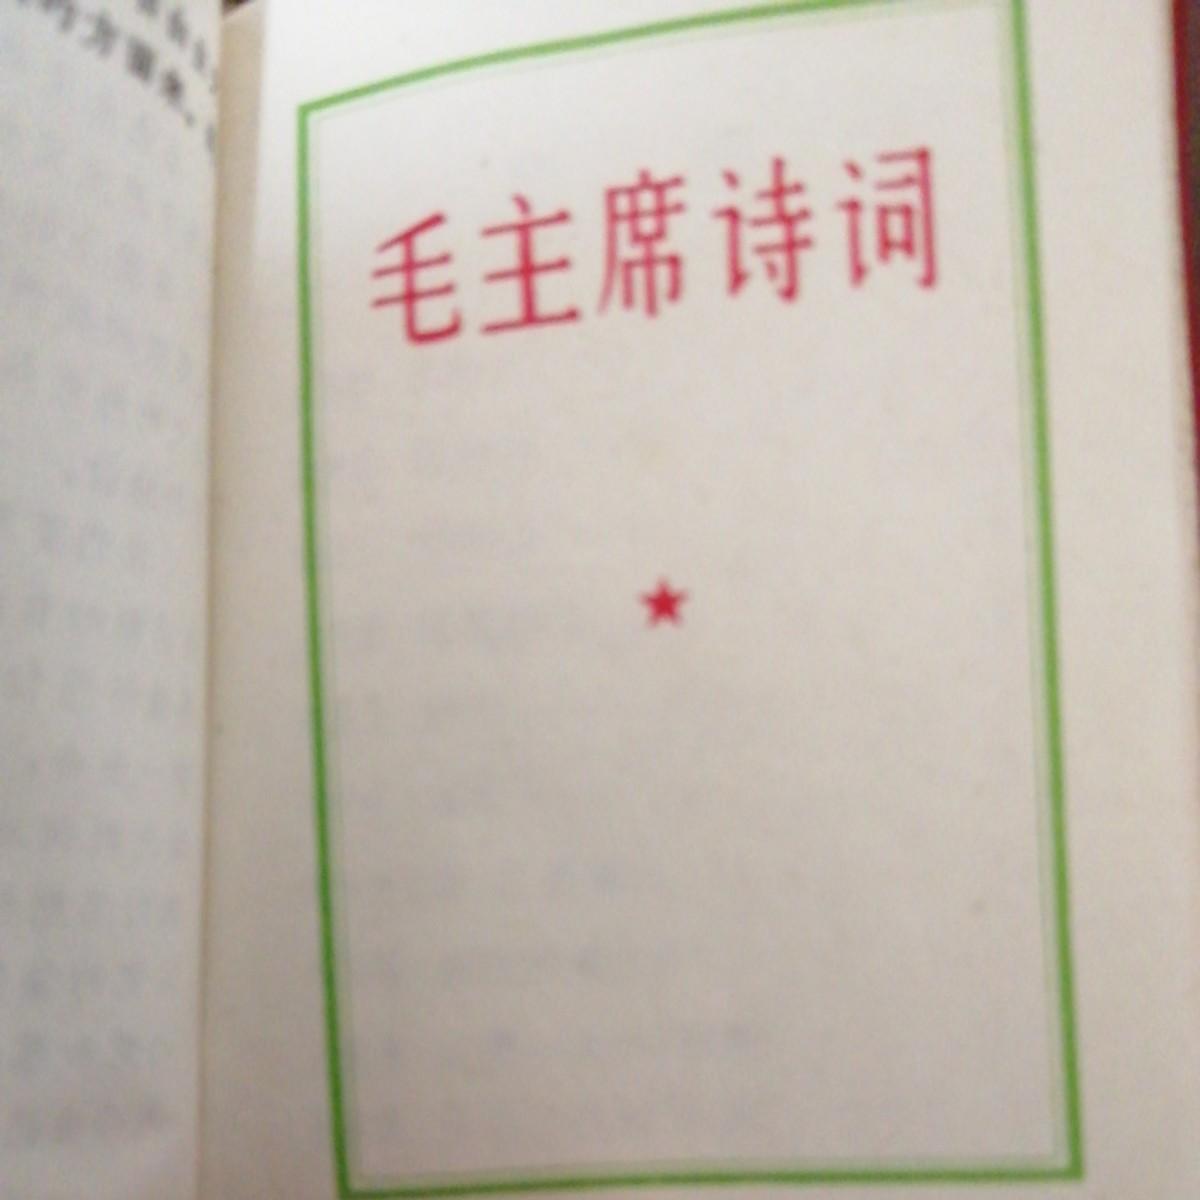 ★値下げ★ 毛沢東 最高指示